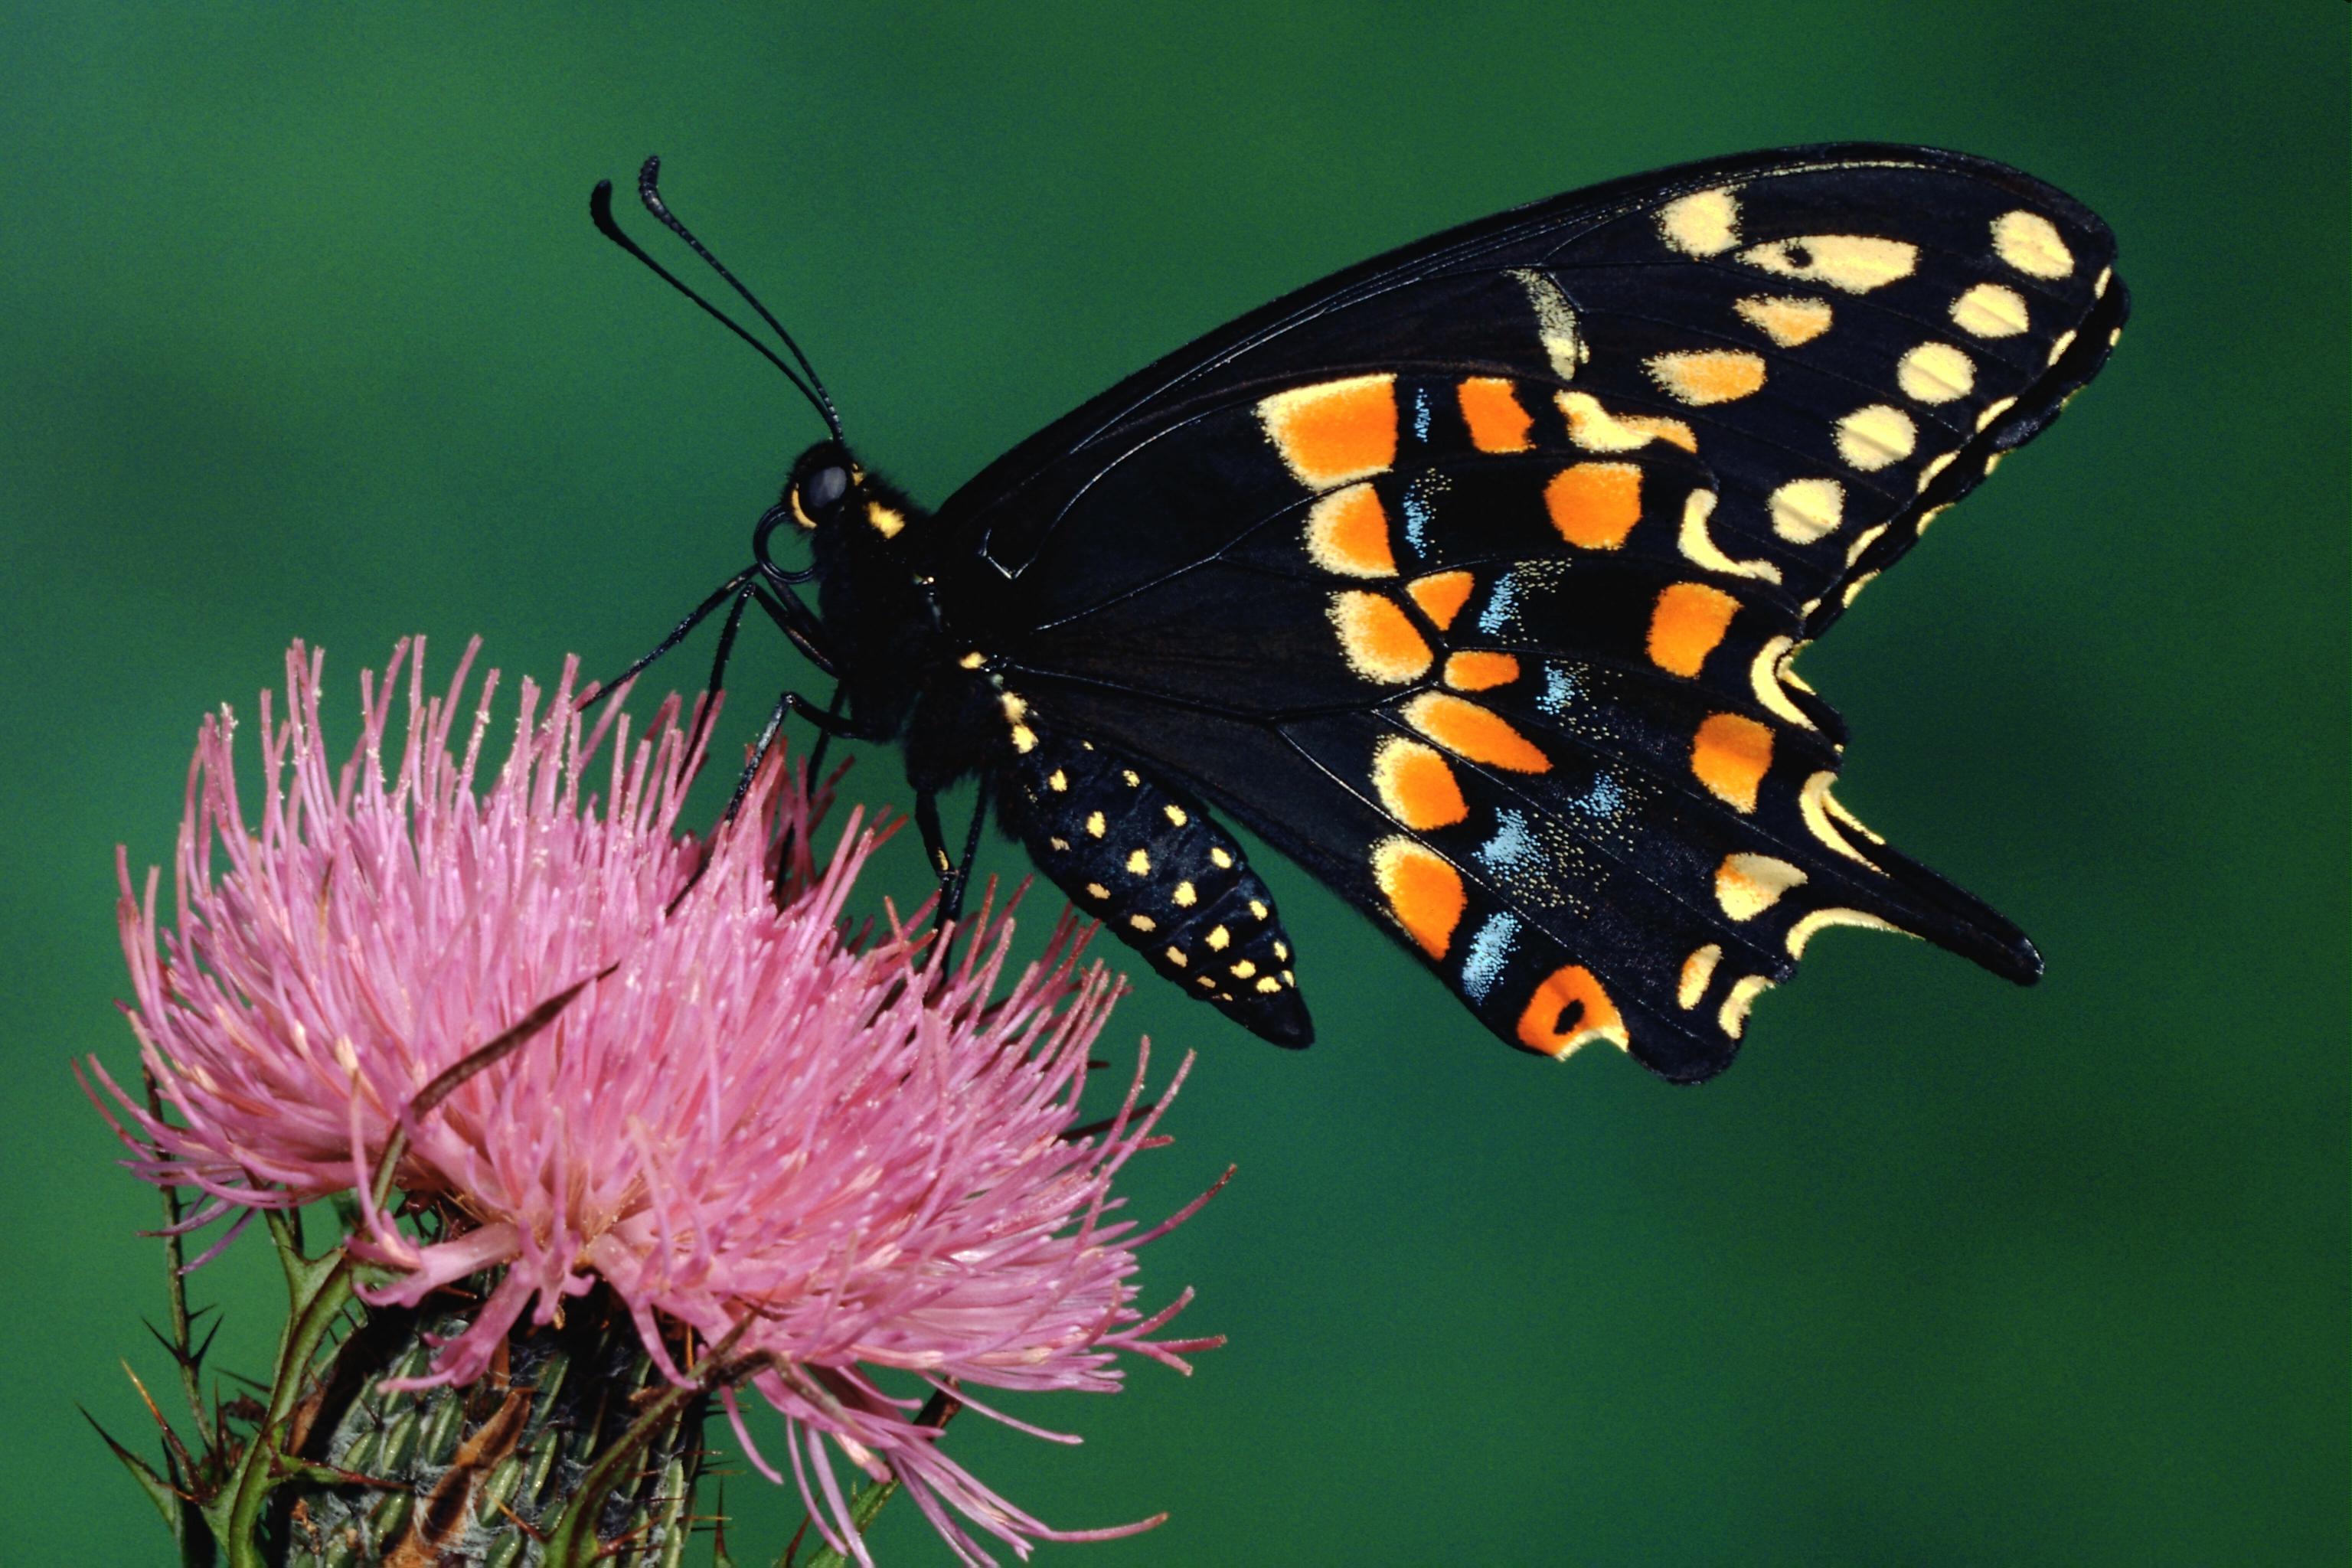 Животные и насекомые картинки 6